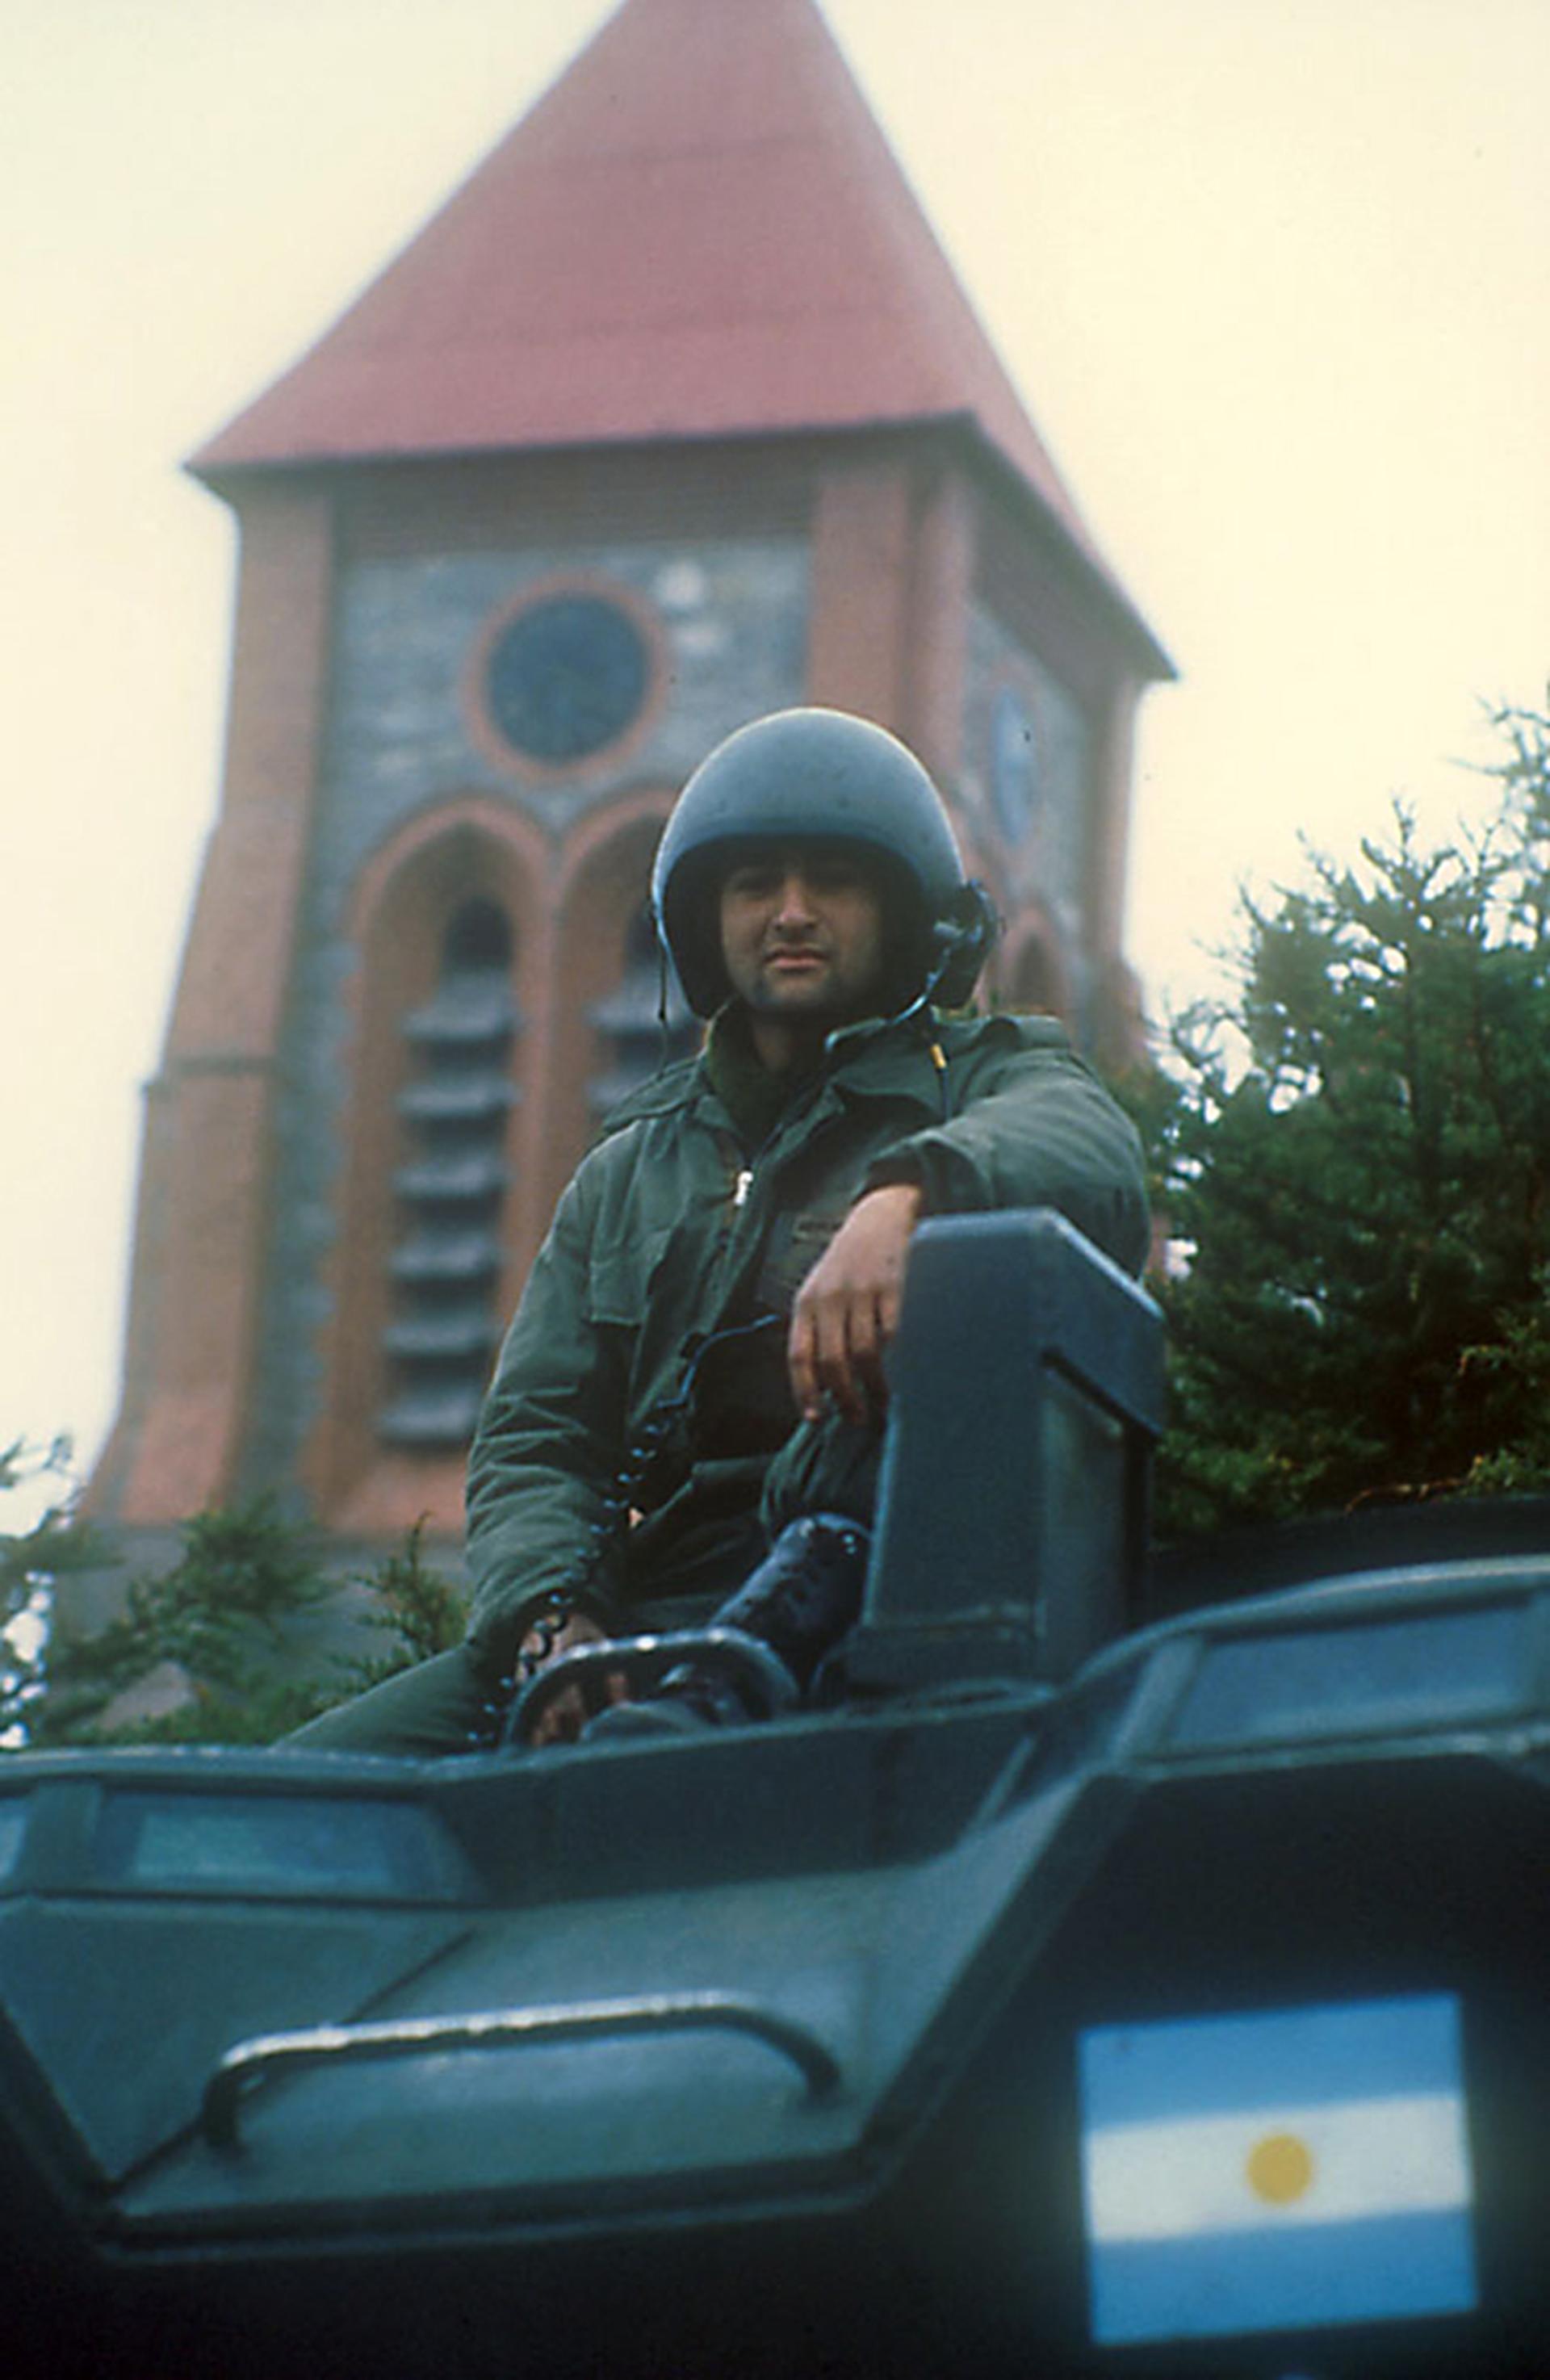 El tanquista argentino Eduardo Parada en su vehículo anfibio Amtrac.De fondo, la torre de la iglesia anglicana de la ciudad